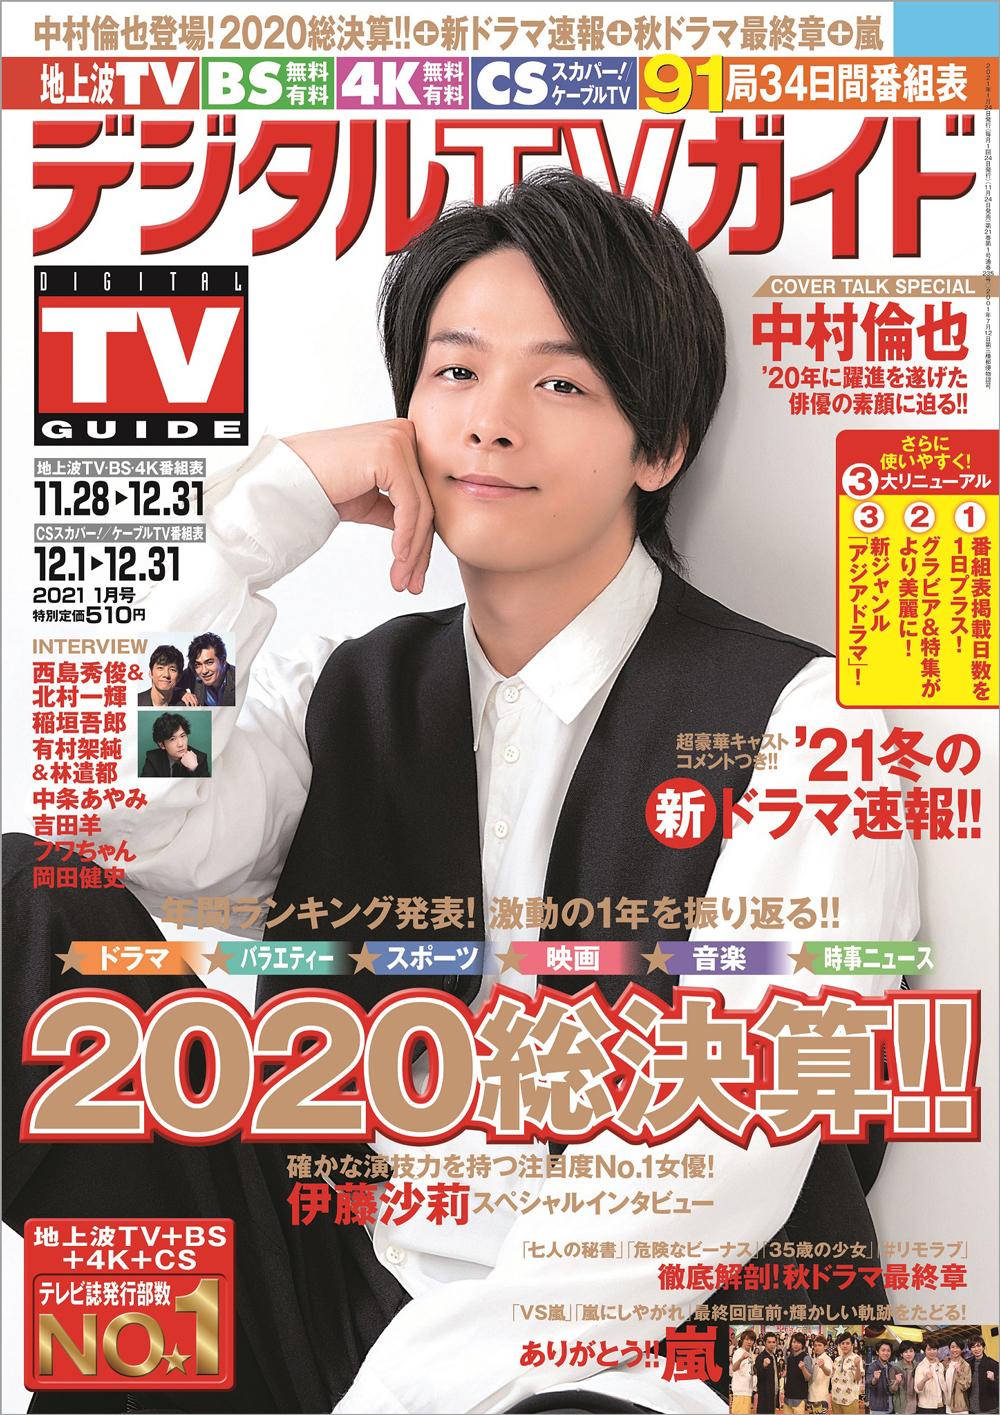 画像は、先行公開された「デジタルTVガイド」2021年1月号(東京ニュース通信社)の表紙